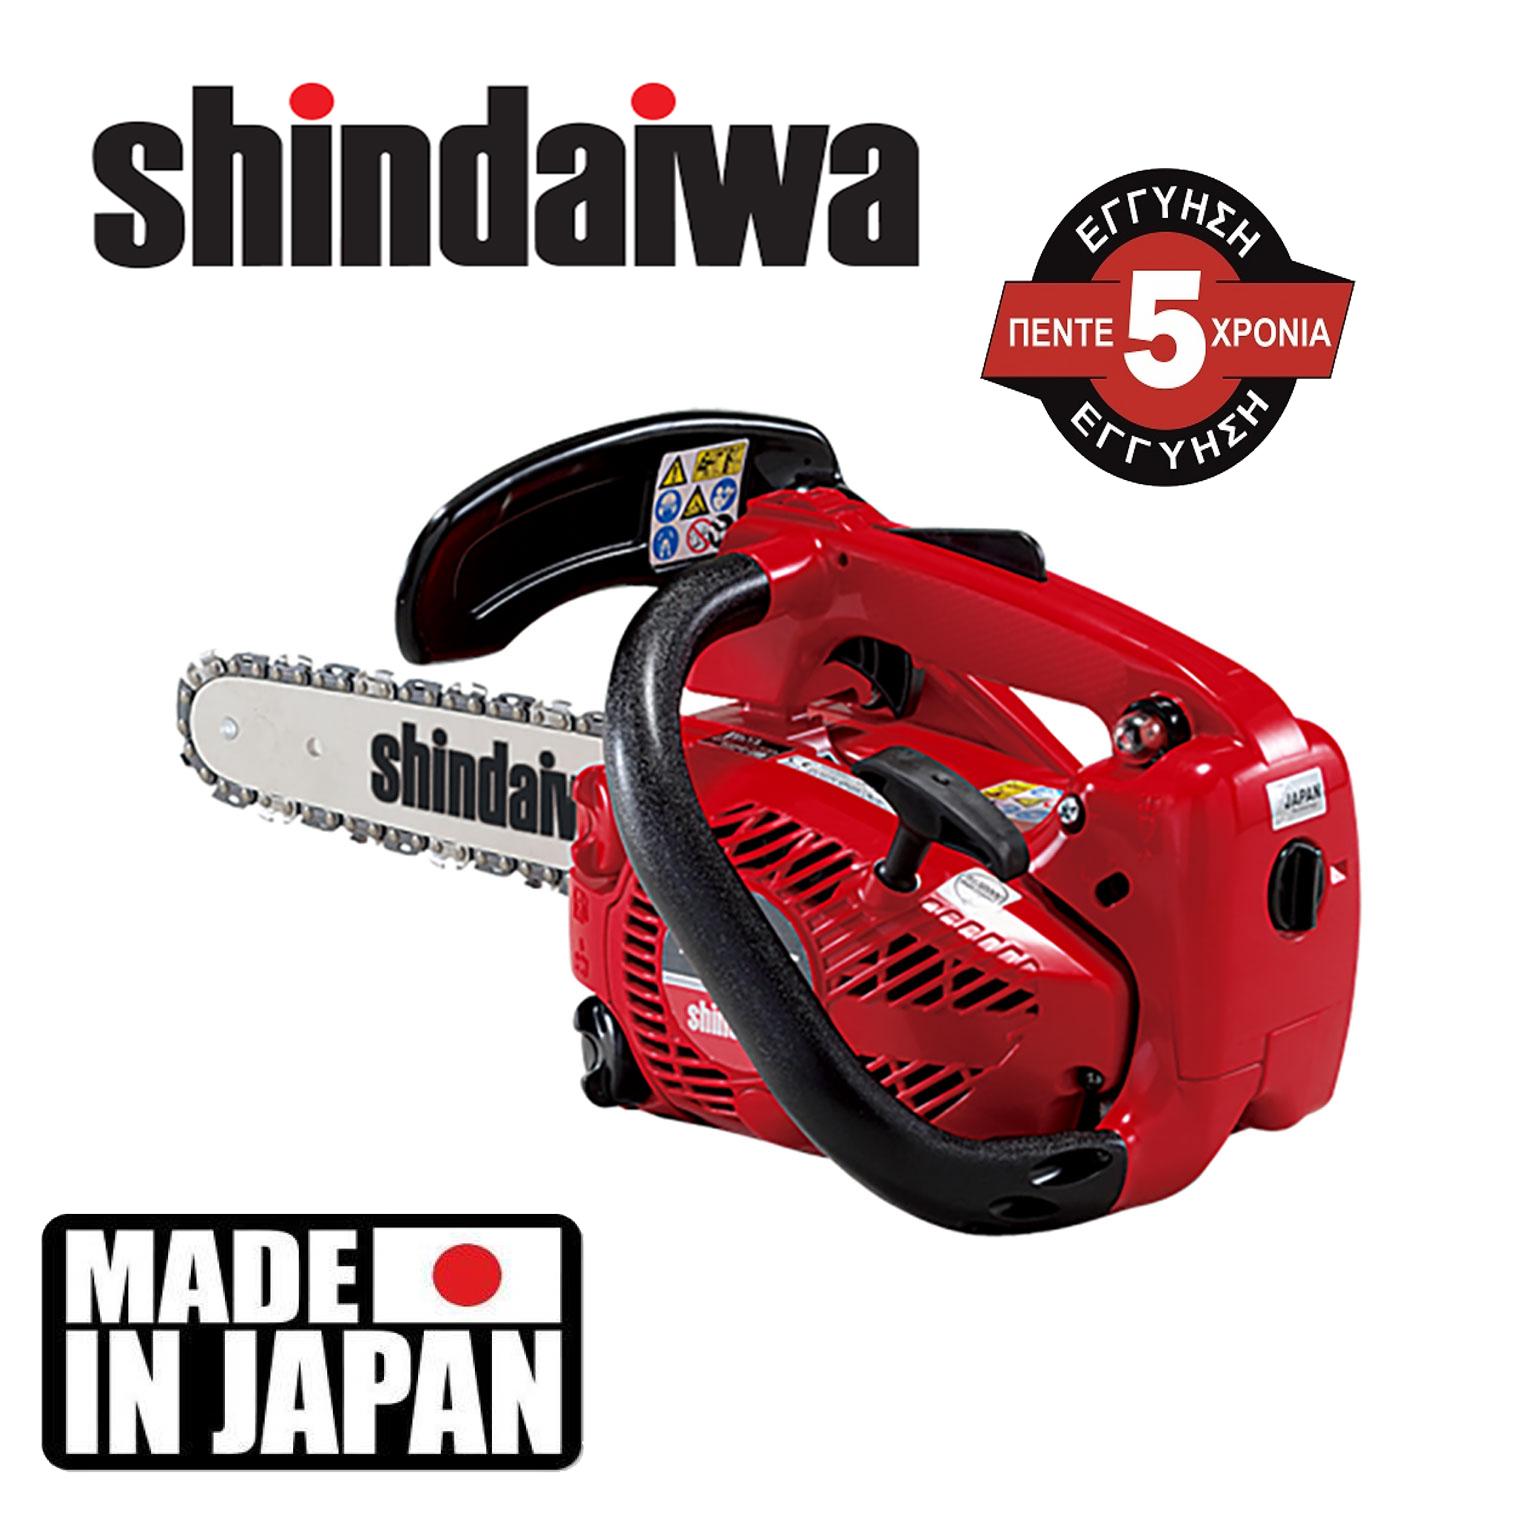 Shindaiwa 280Ts 20CM CHAINSAWS